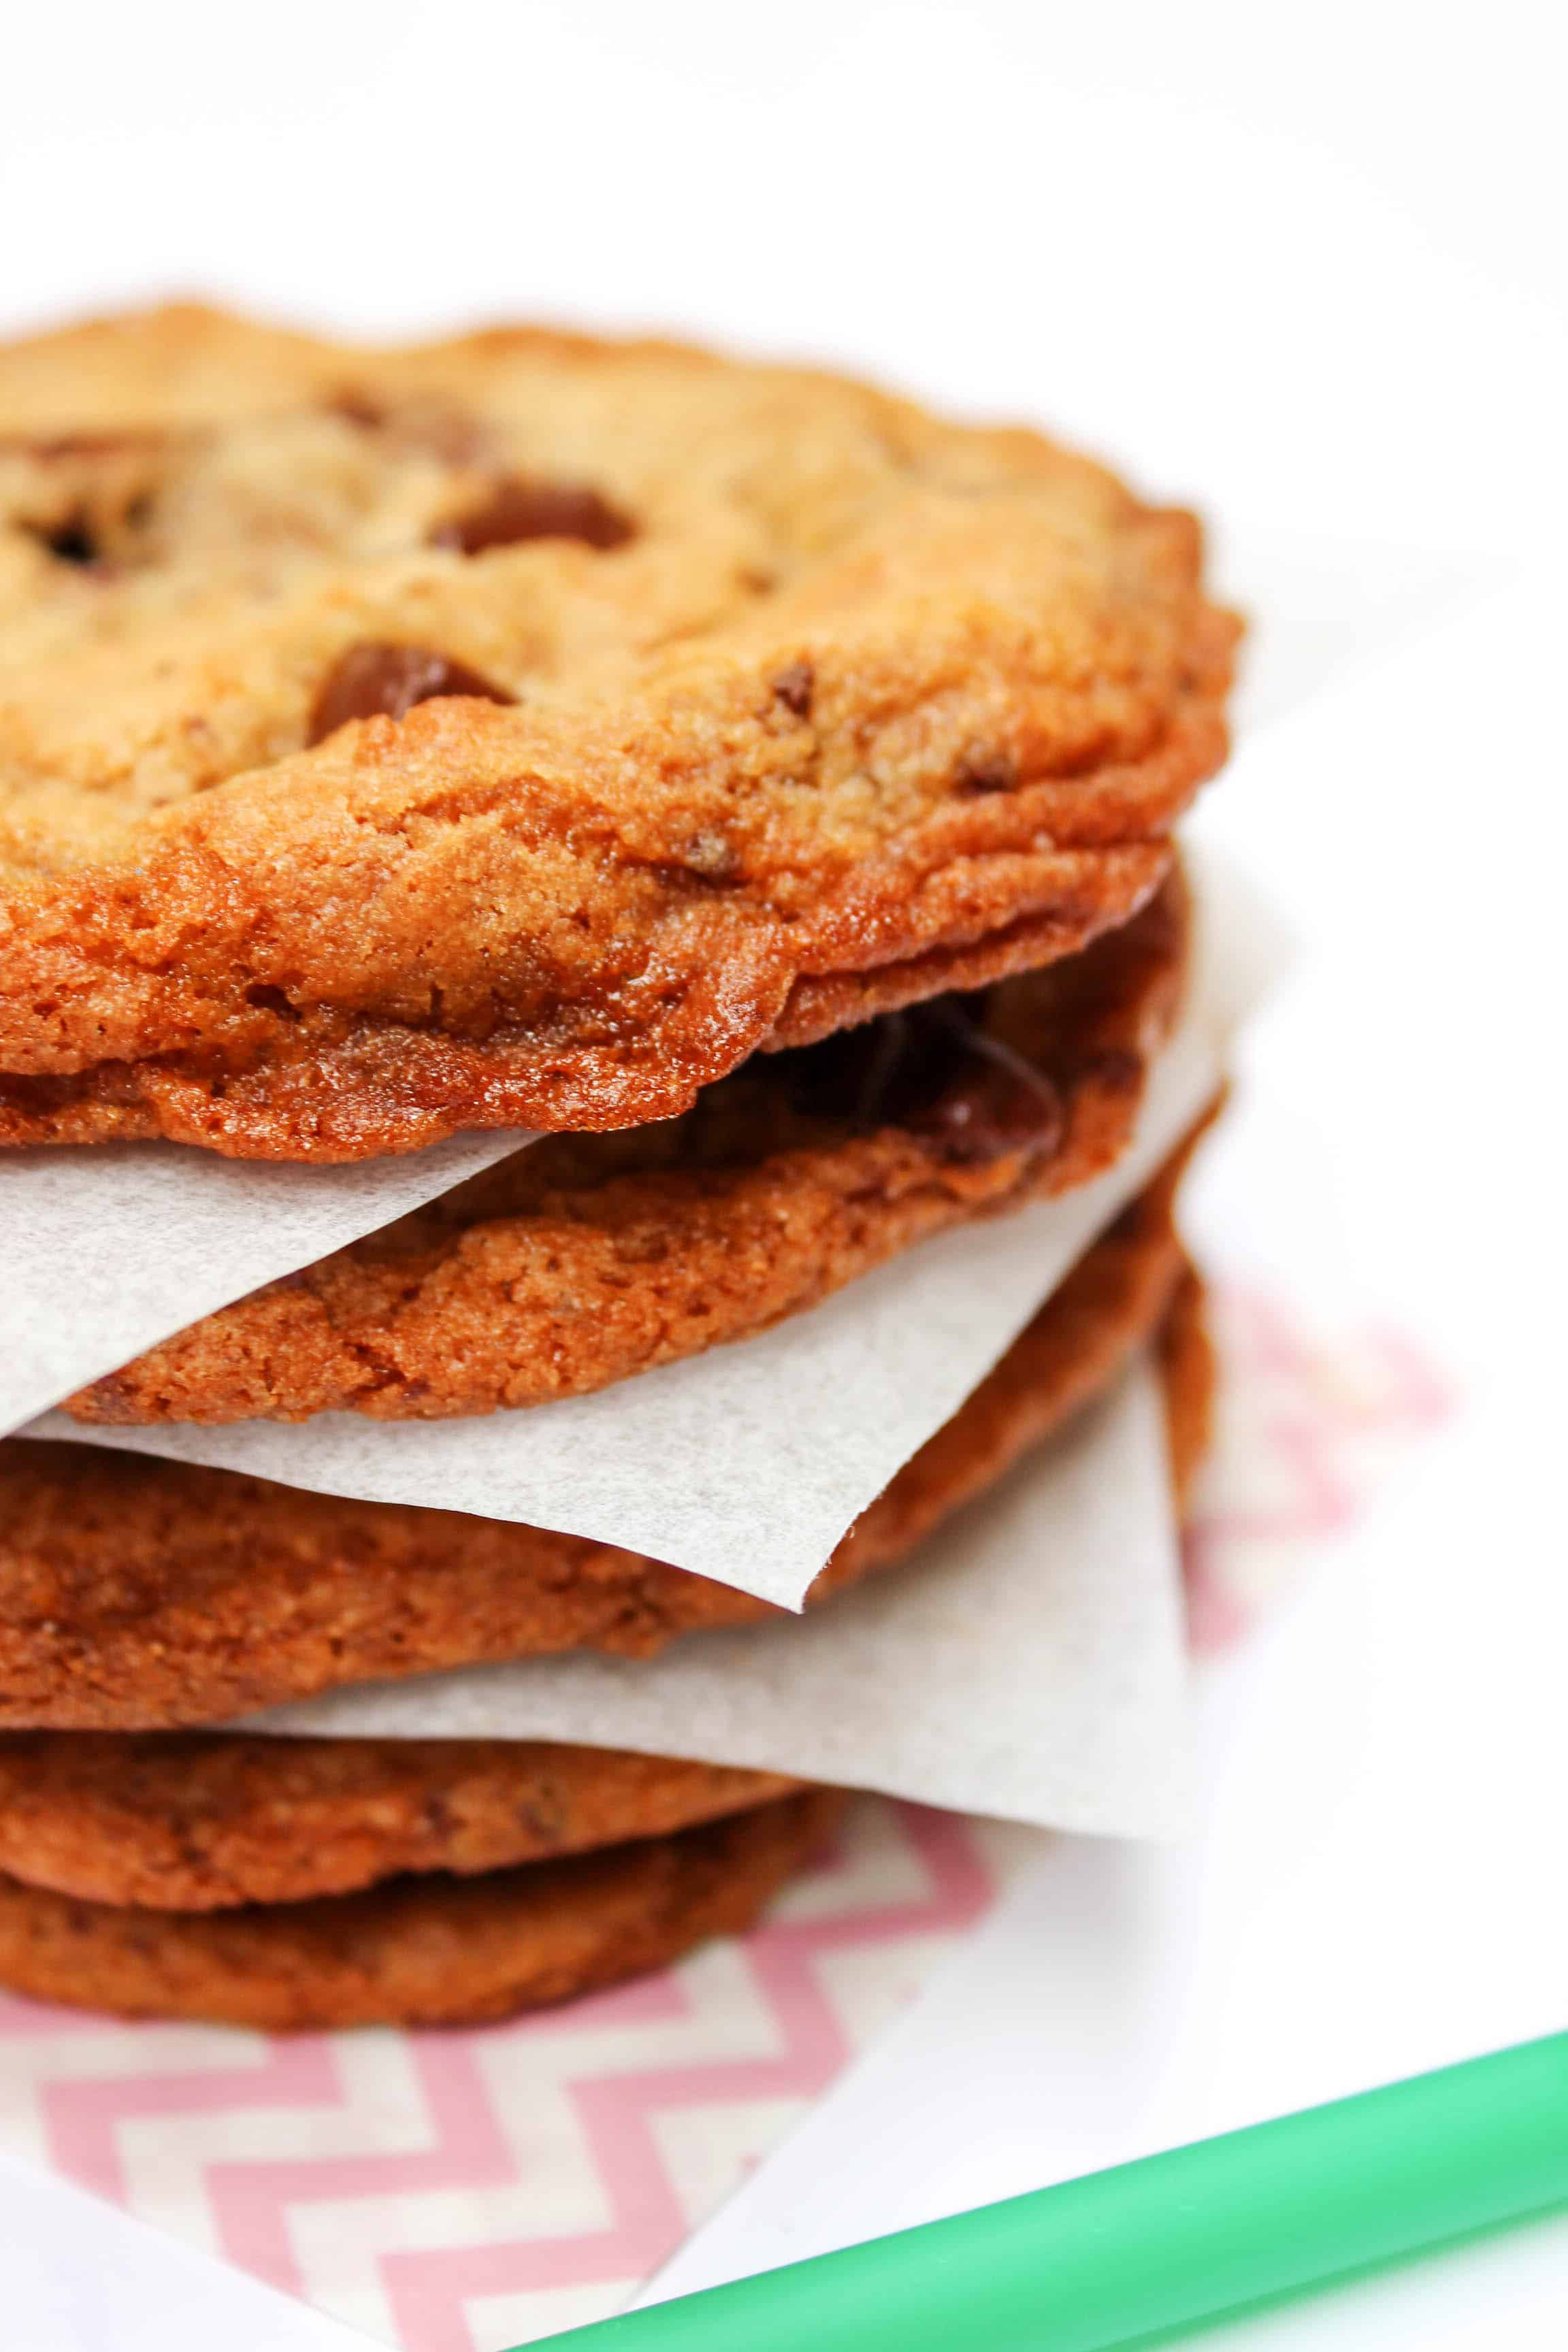 Resep Soft Cookies : resep, cookies, Copycat, Starbucks, Chocolate, Cookies, Sanity